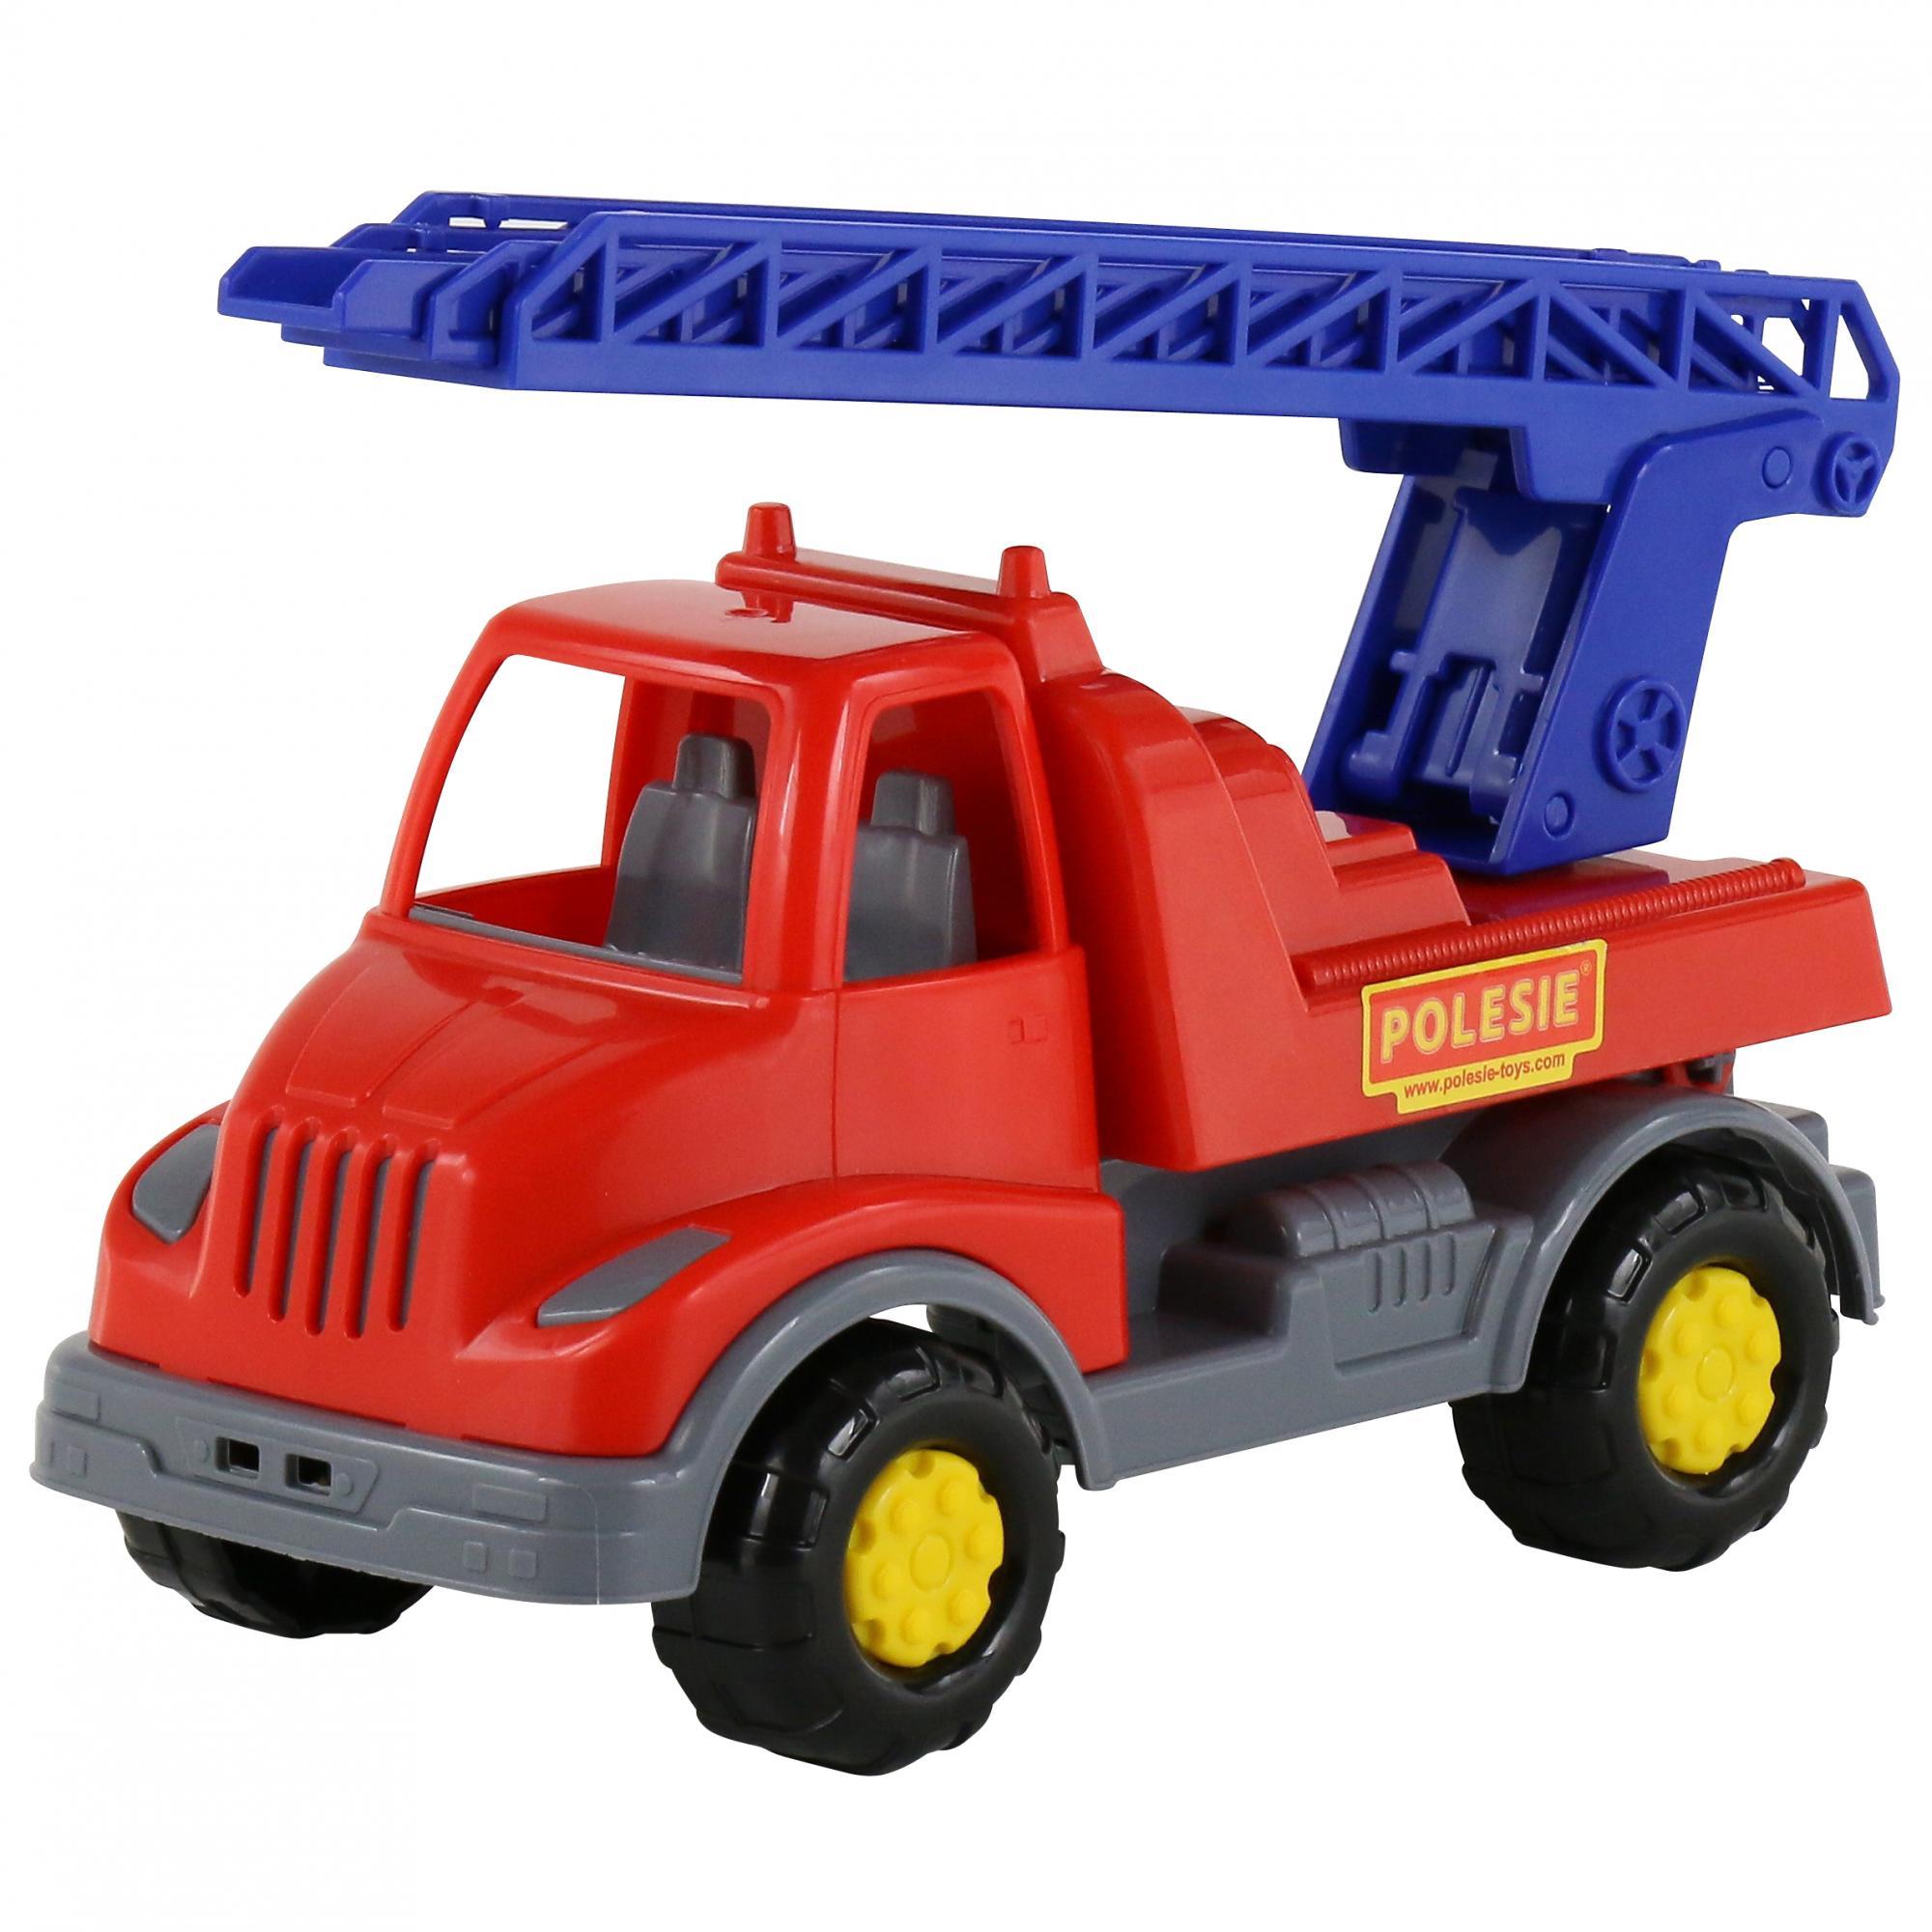 Купить Автомобиль из серии Леон, 2 вида: пожарная спецмашина и коммунальная спецмашина, Полесье